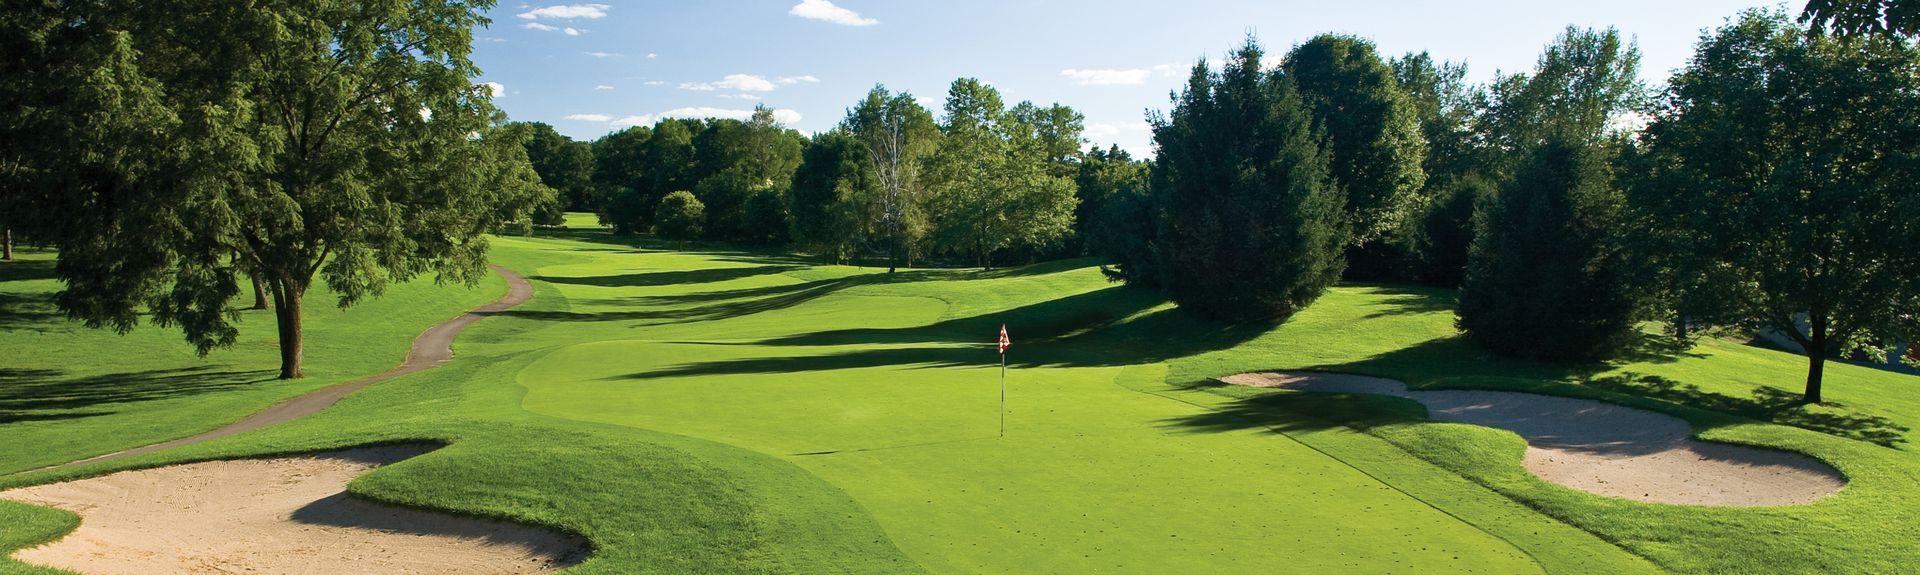 Club de golf Milham Park, Kalamazoo, Míchigan, Estados Unidos